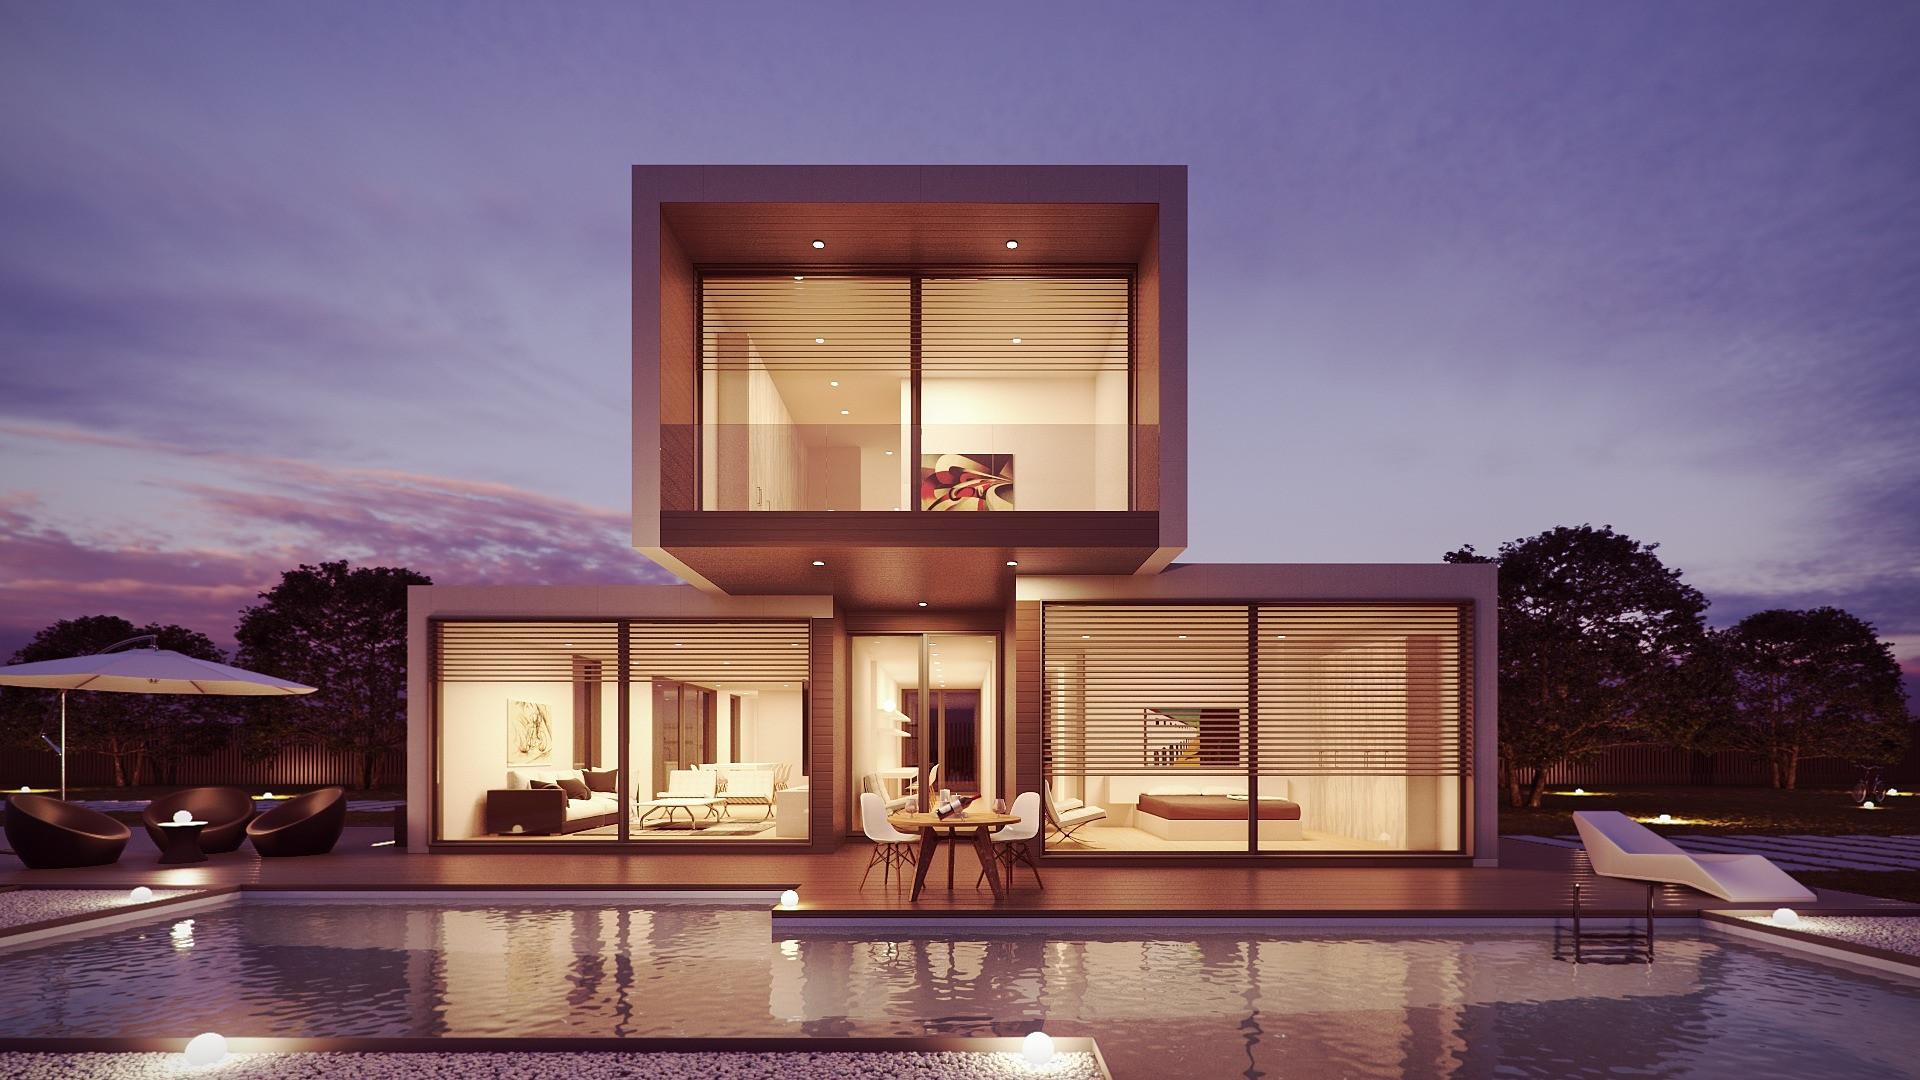 decorez maison avec gout et surtout avec un petit budget - Décorez votre maison avec goût et surtout avec un petit budget